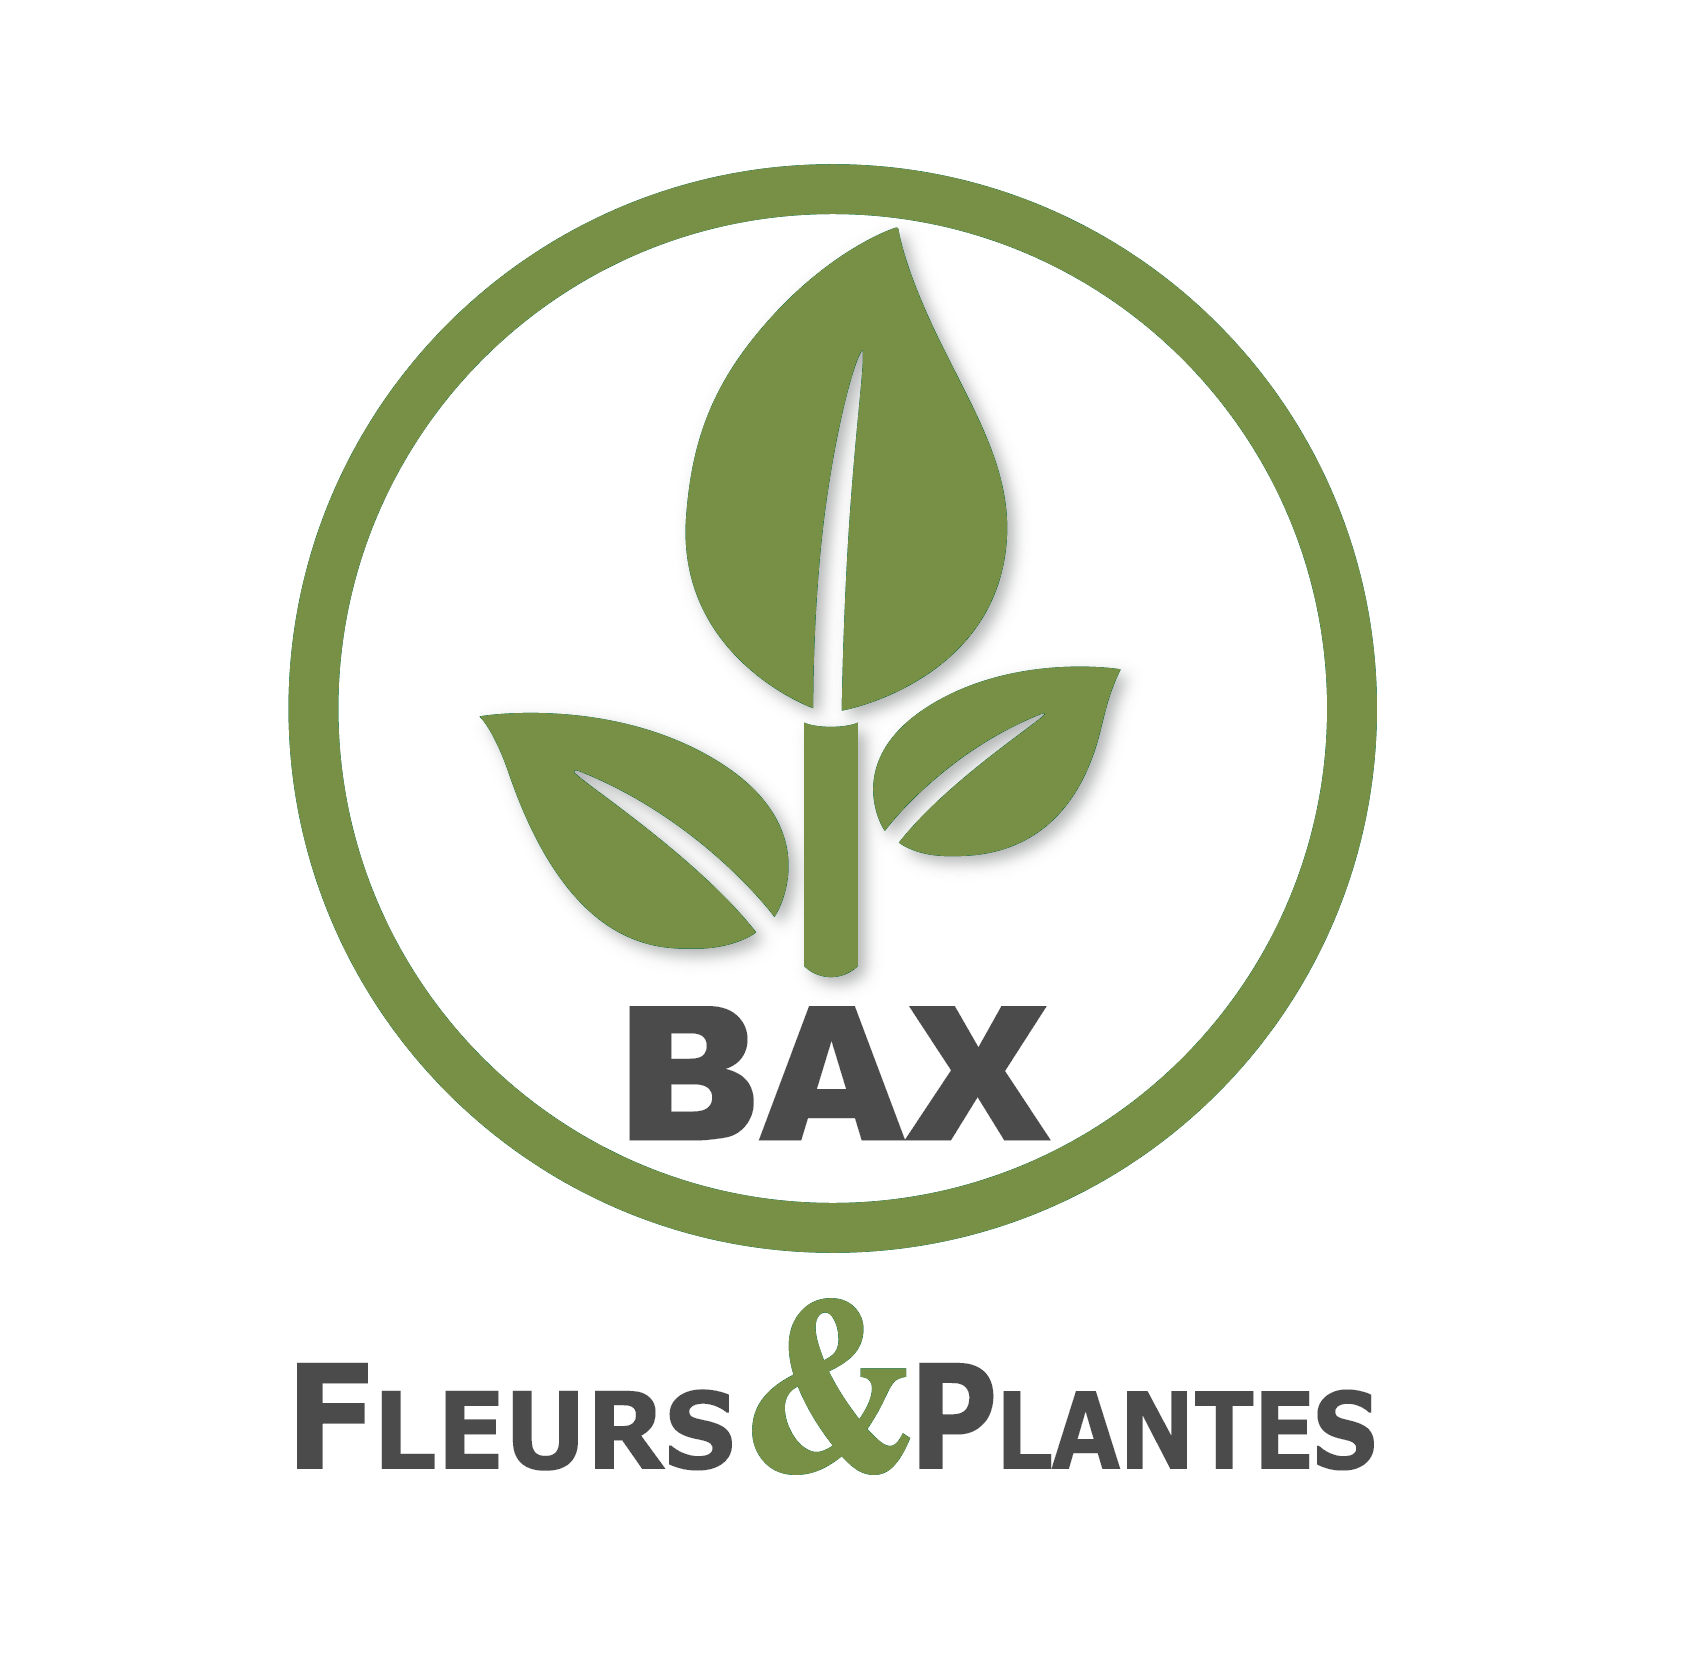 003_bax_fleurs_et_plantes